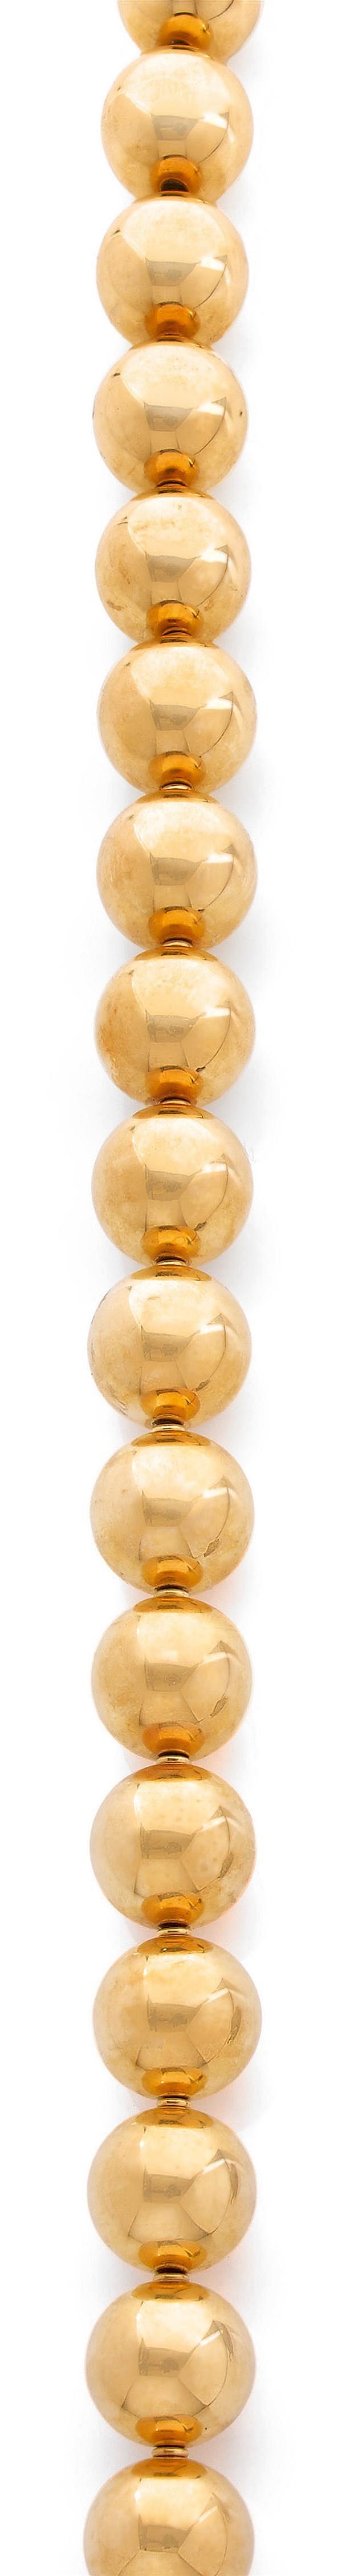 Important collier composé de boules d'or jaune uni de diamètres égaux montées sur une chaîne. Les boules sont séparées par des petit...